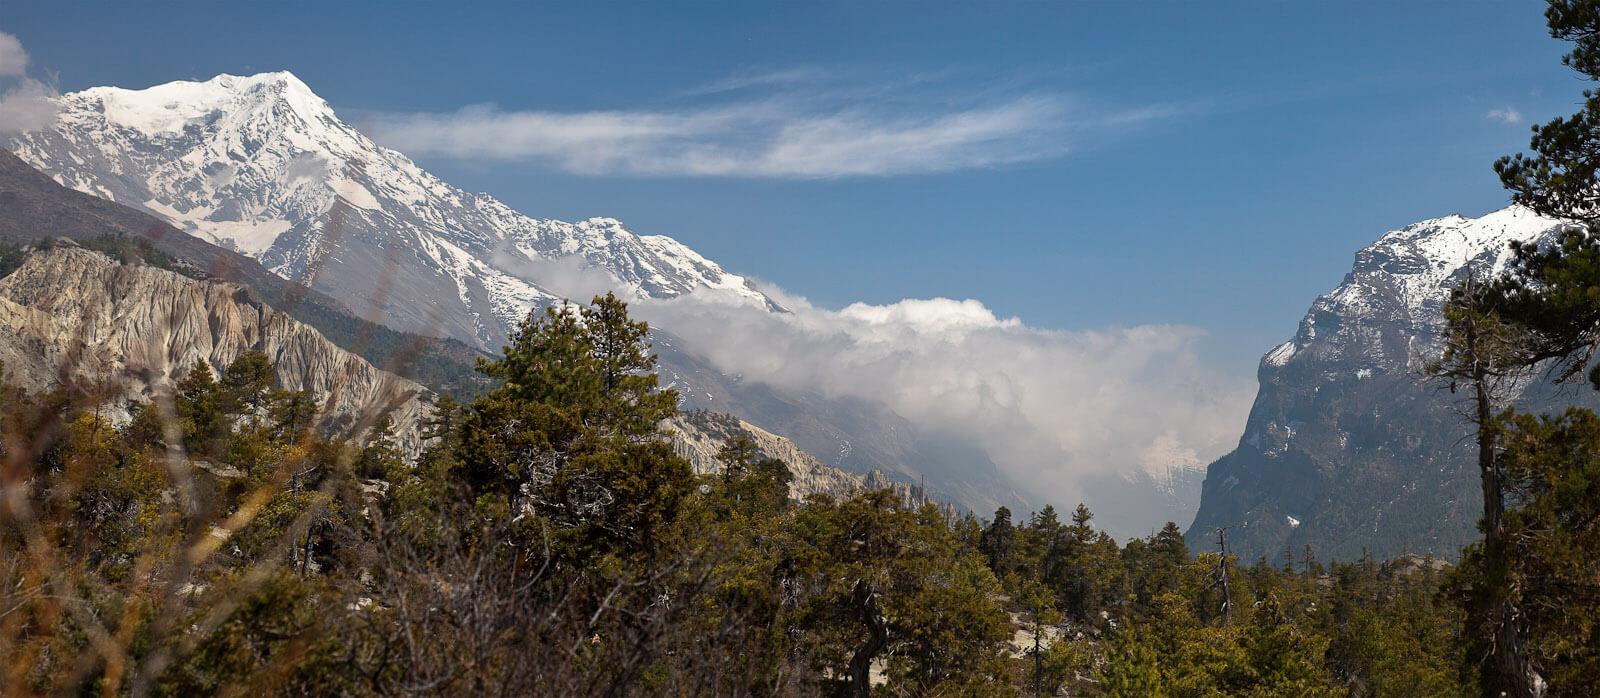 Pisang Peak and Marshyangdi Valley Looking East